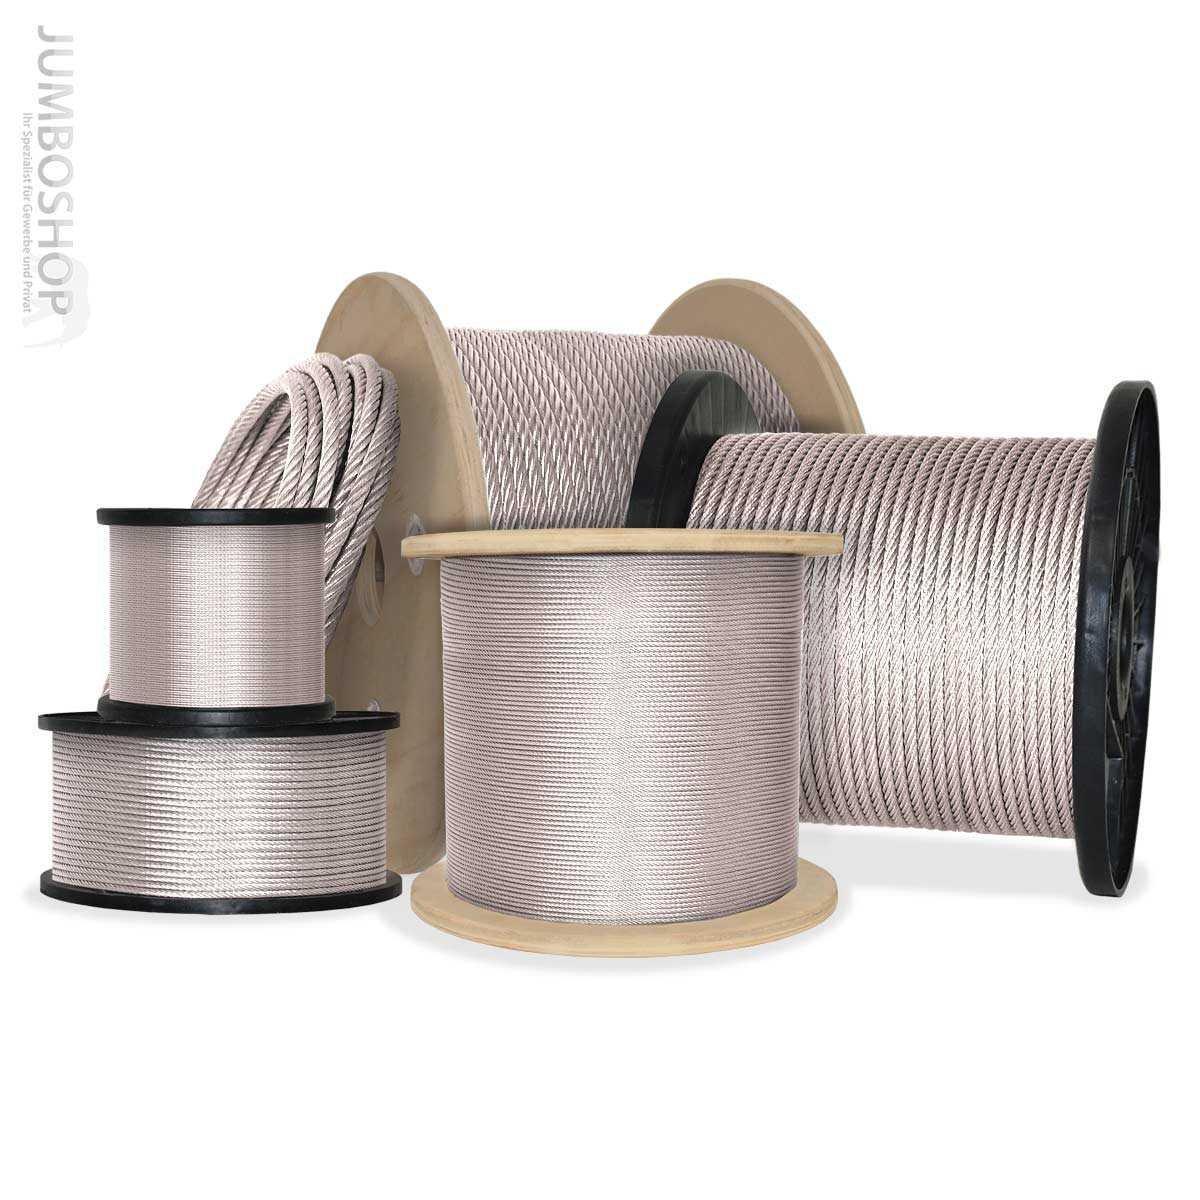 Seilwerk STANKE Gummiseil Expanderseil Schwarz 4 mm 100 Meter Gummileine Spannseil Planenseil Gummischnur